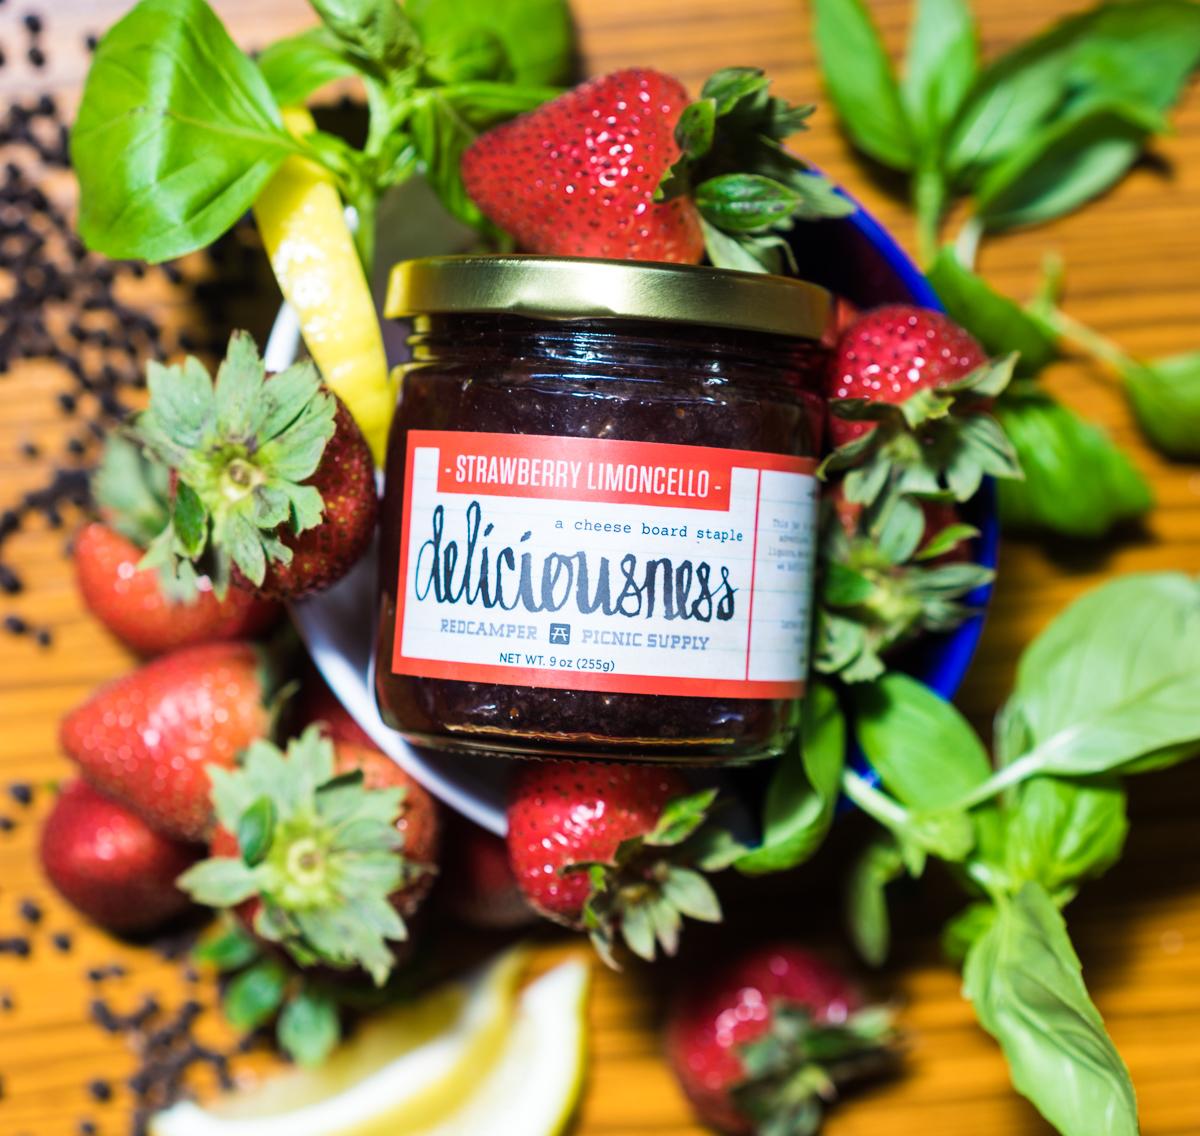 Strawberry Limoncello Deliciousness